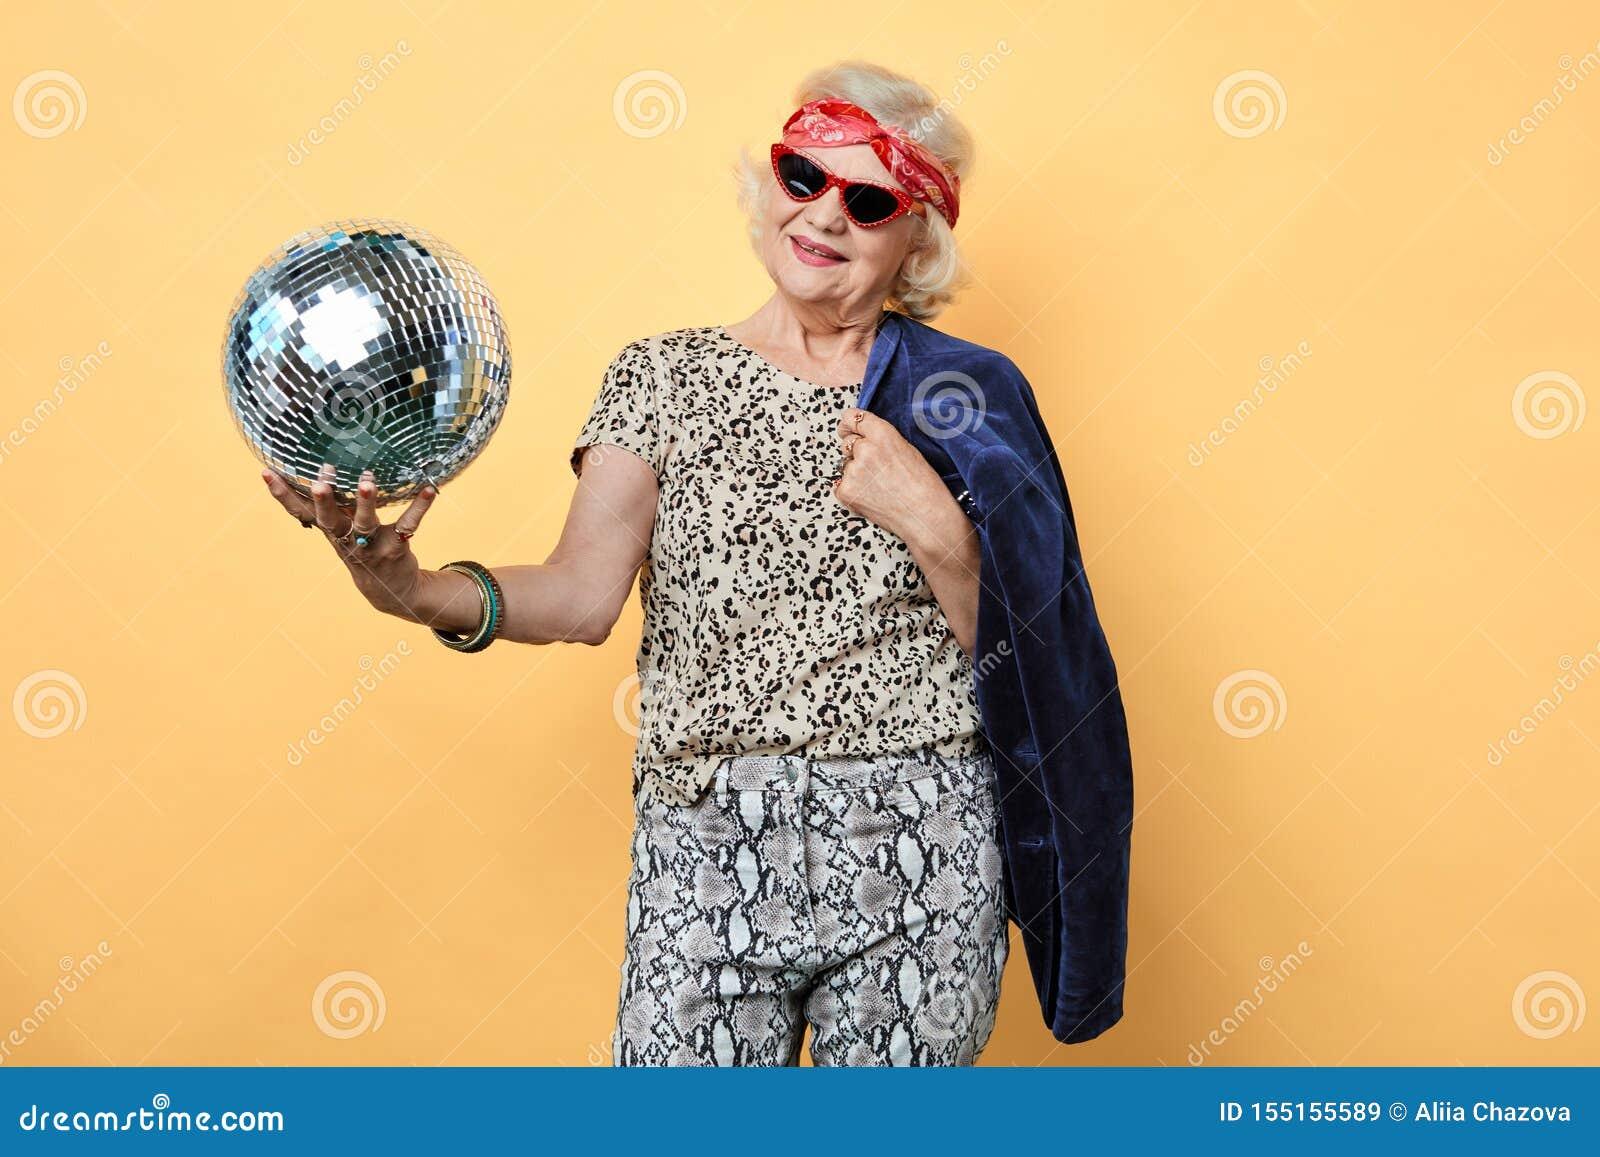 174 Lustige Alte Frau Fotos Kostenlose Und Royalty Free Stock Fotos Von Dreamstime